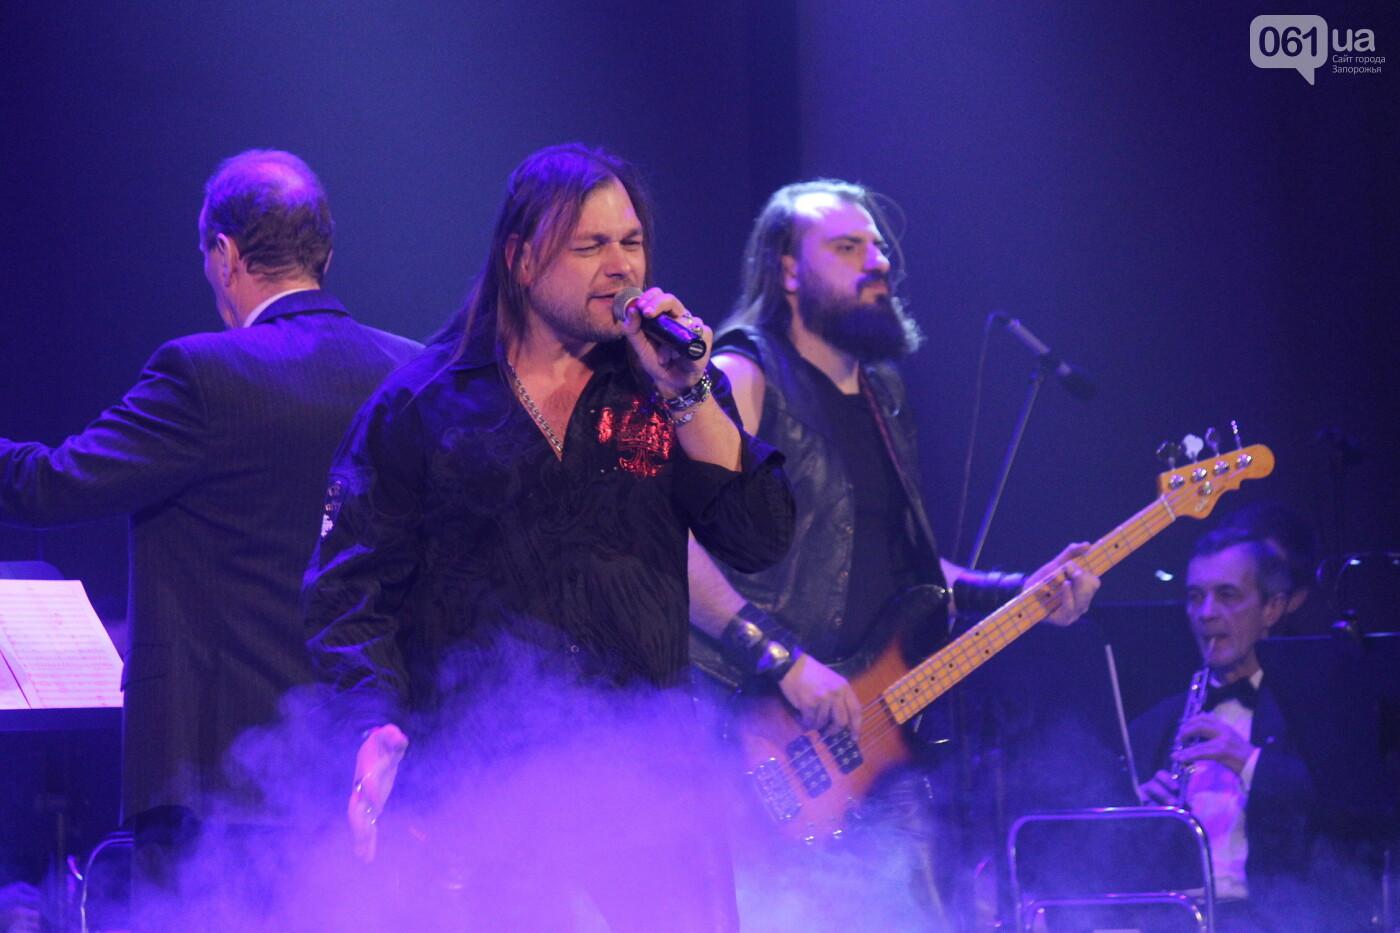 Тяжелый рок в симфоническом звучании: каким было Hard Rock Show в Запорожье, – ФОТОРЕПОРТАЖ, фото-27